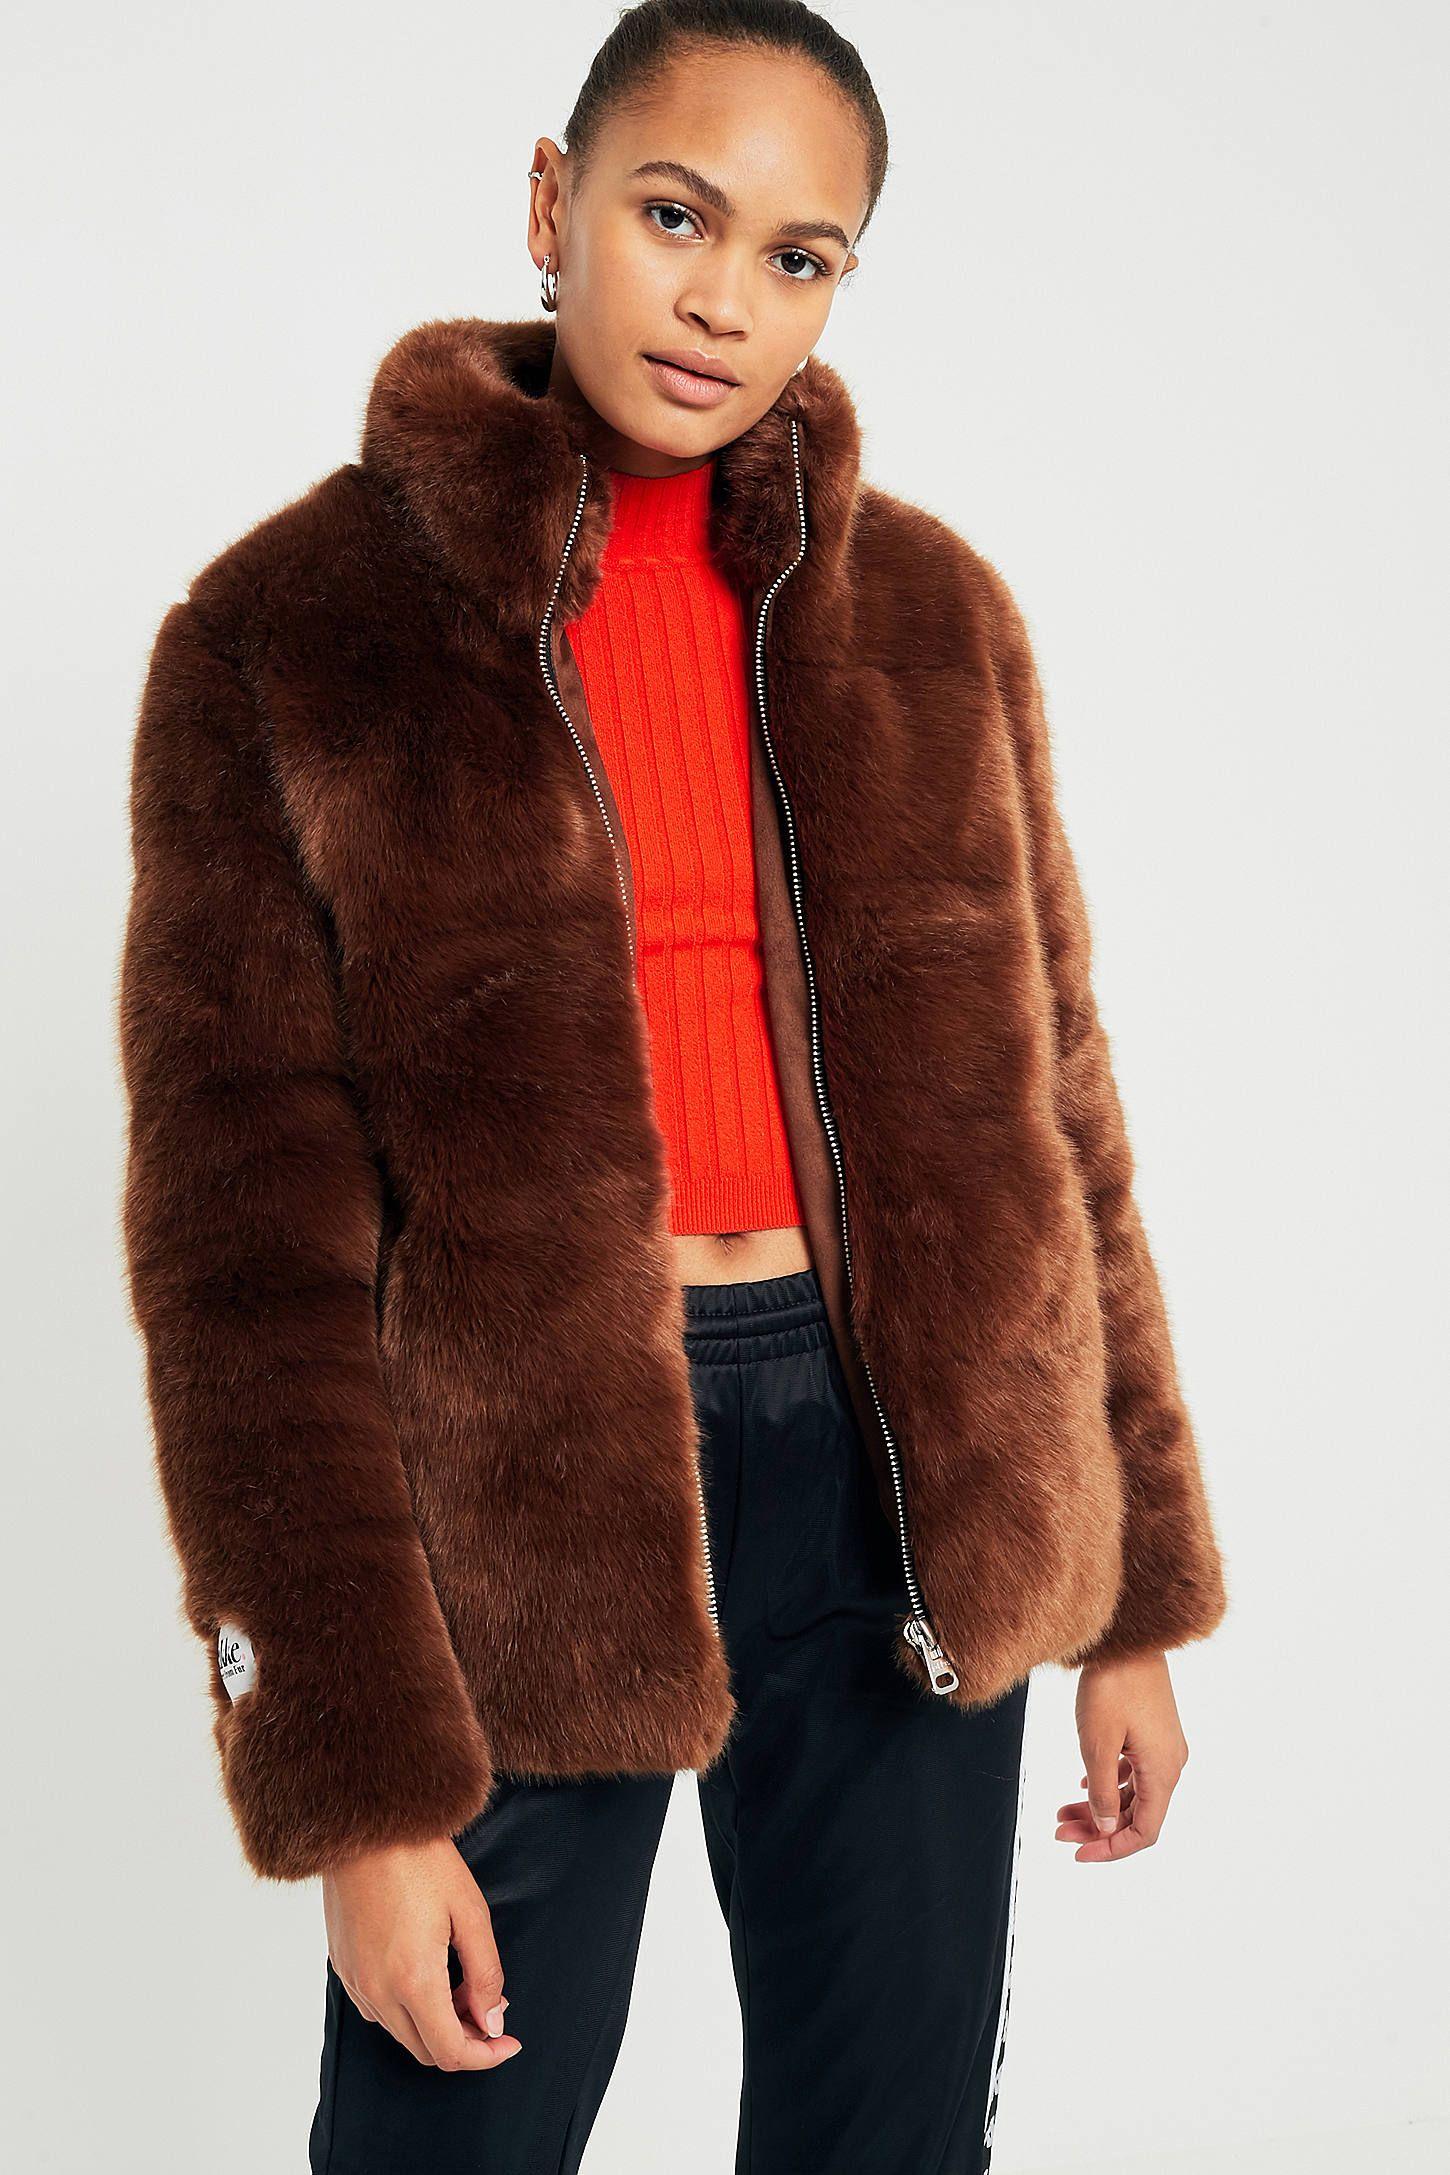 Jakke Penny Brown Faux Fur Puffa Jacket Brown Faux Fur Coats Jackets Women Jackets [ 2175 x 1450 Pixel ]